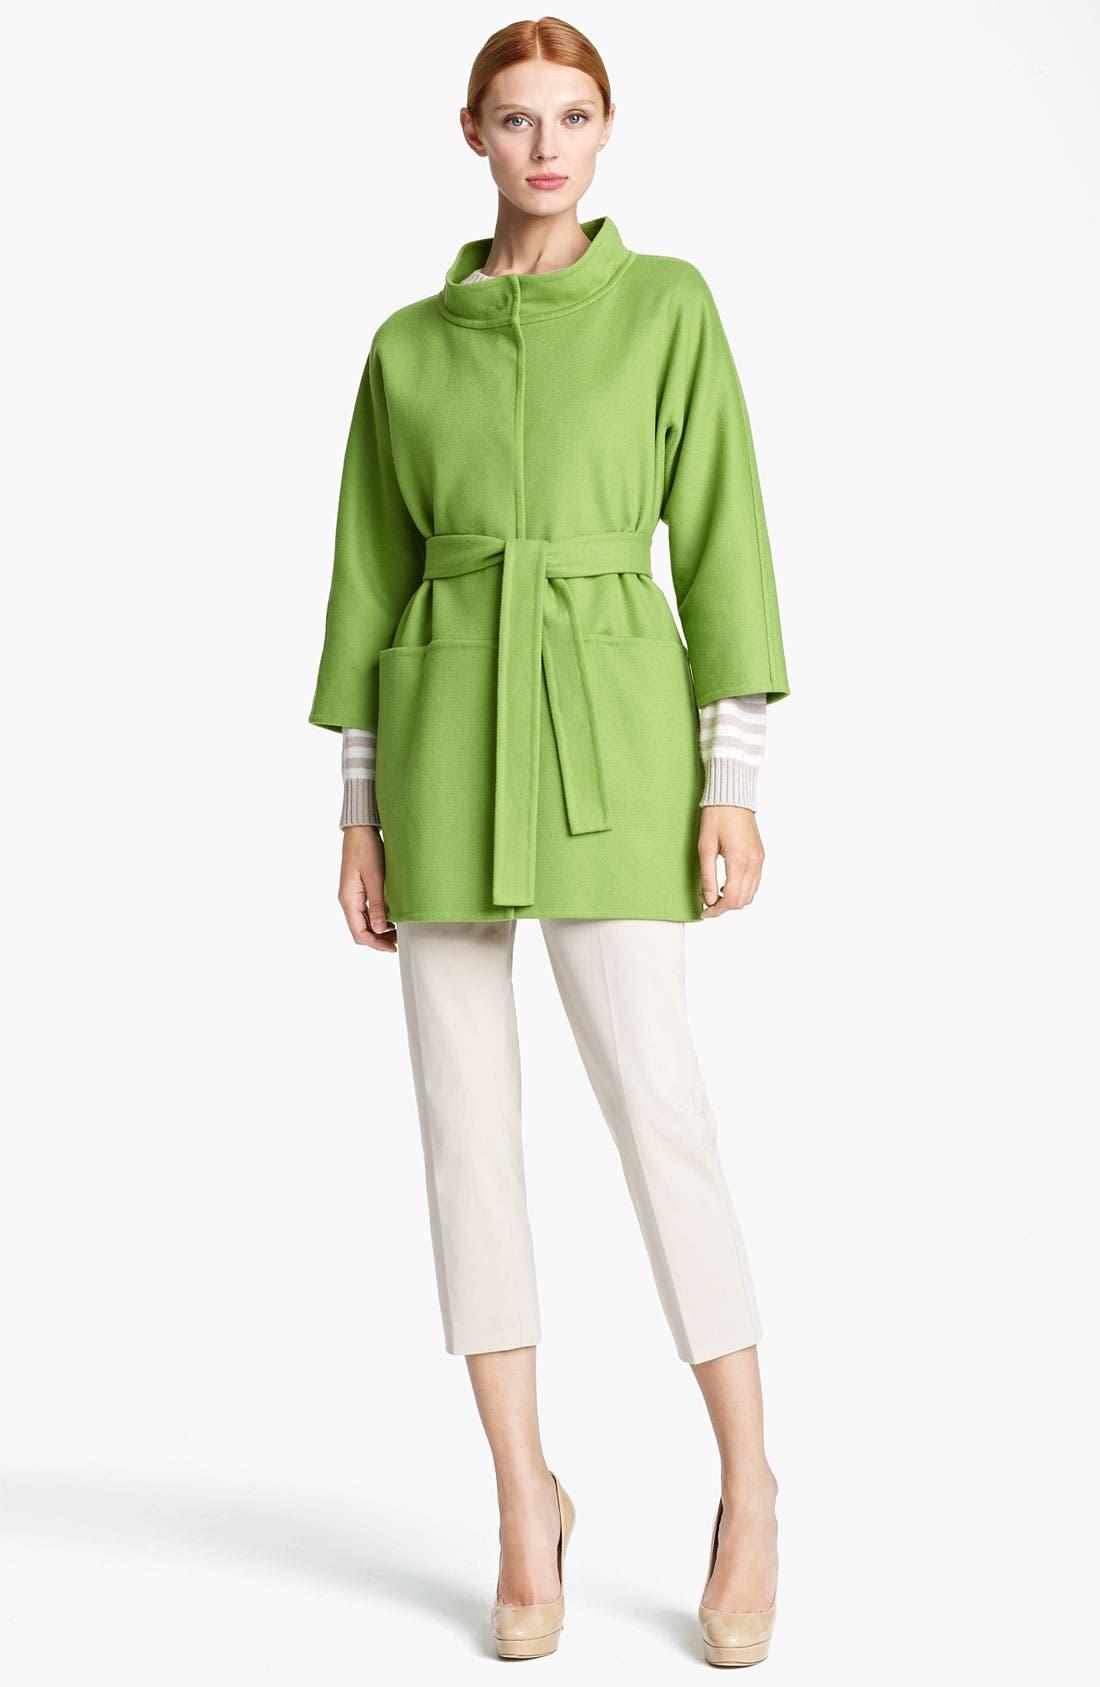 Main Image - Max Mara 'Lipari' Belted Wool Blend Coat